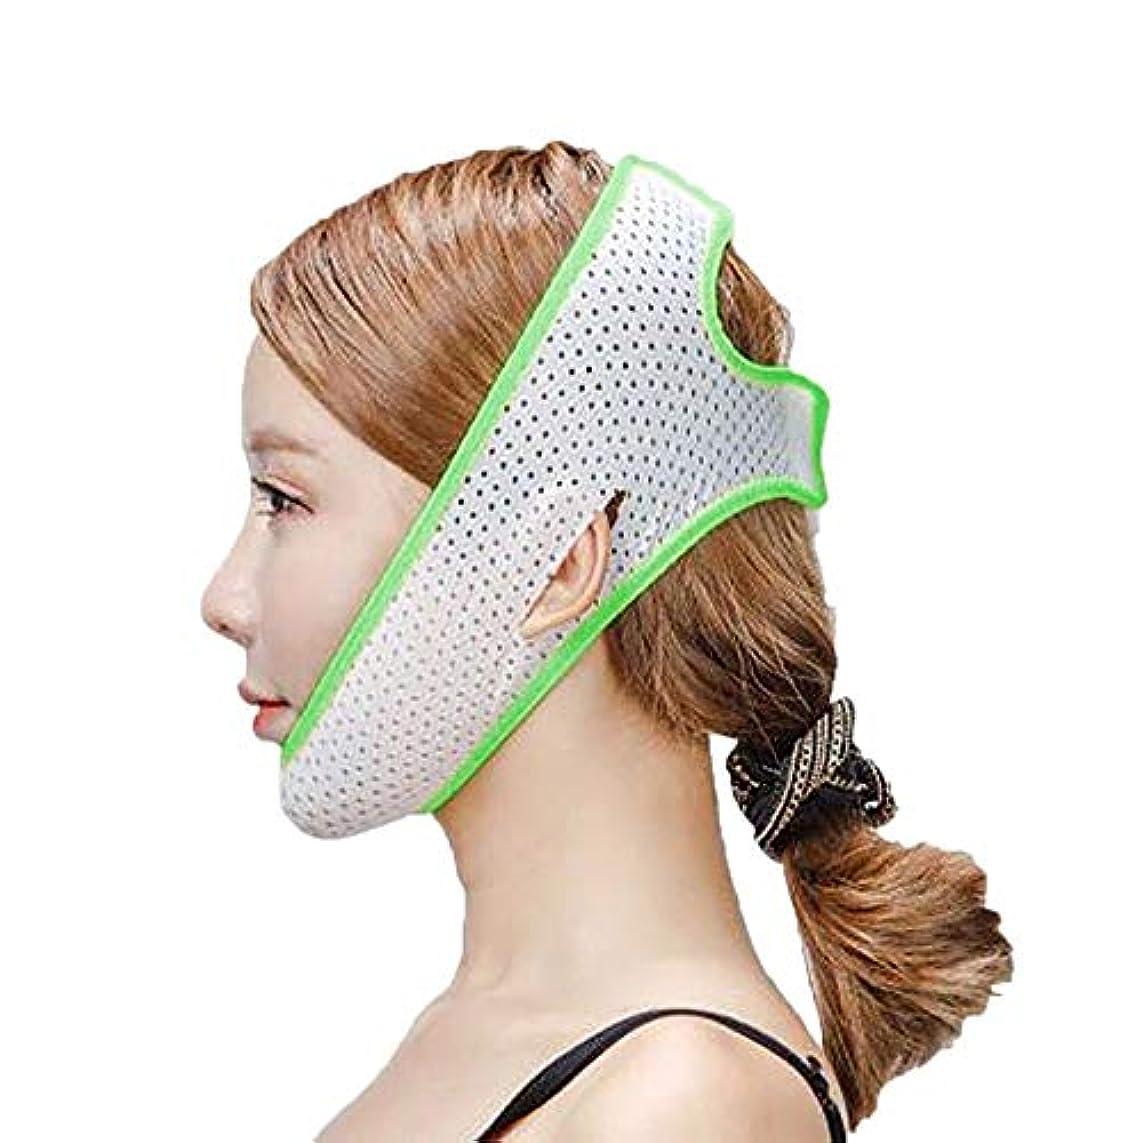 のぞき見直接加害者XHLMRMJ フェイスリフトマスク、ダブルチンストラップ、フェイシャル減量マスク、フェイシャルダブルチンケアスリミングマスク、リンクルマスク(フリーサイズ) (Color : Green)